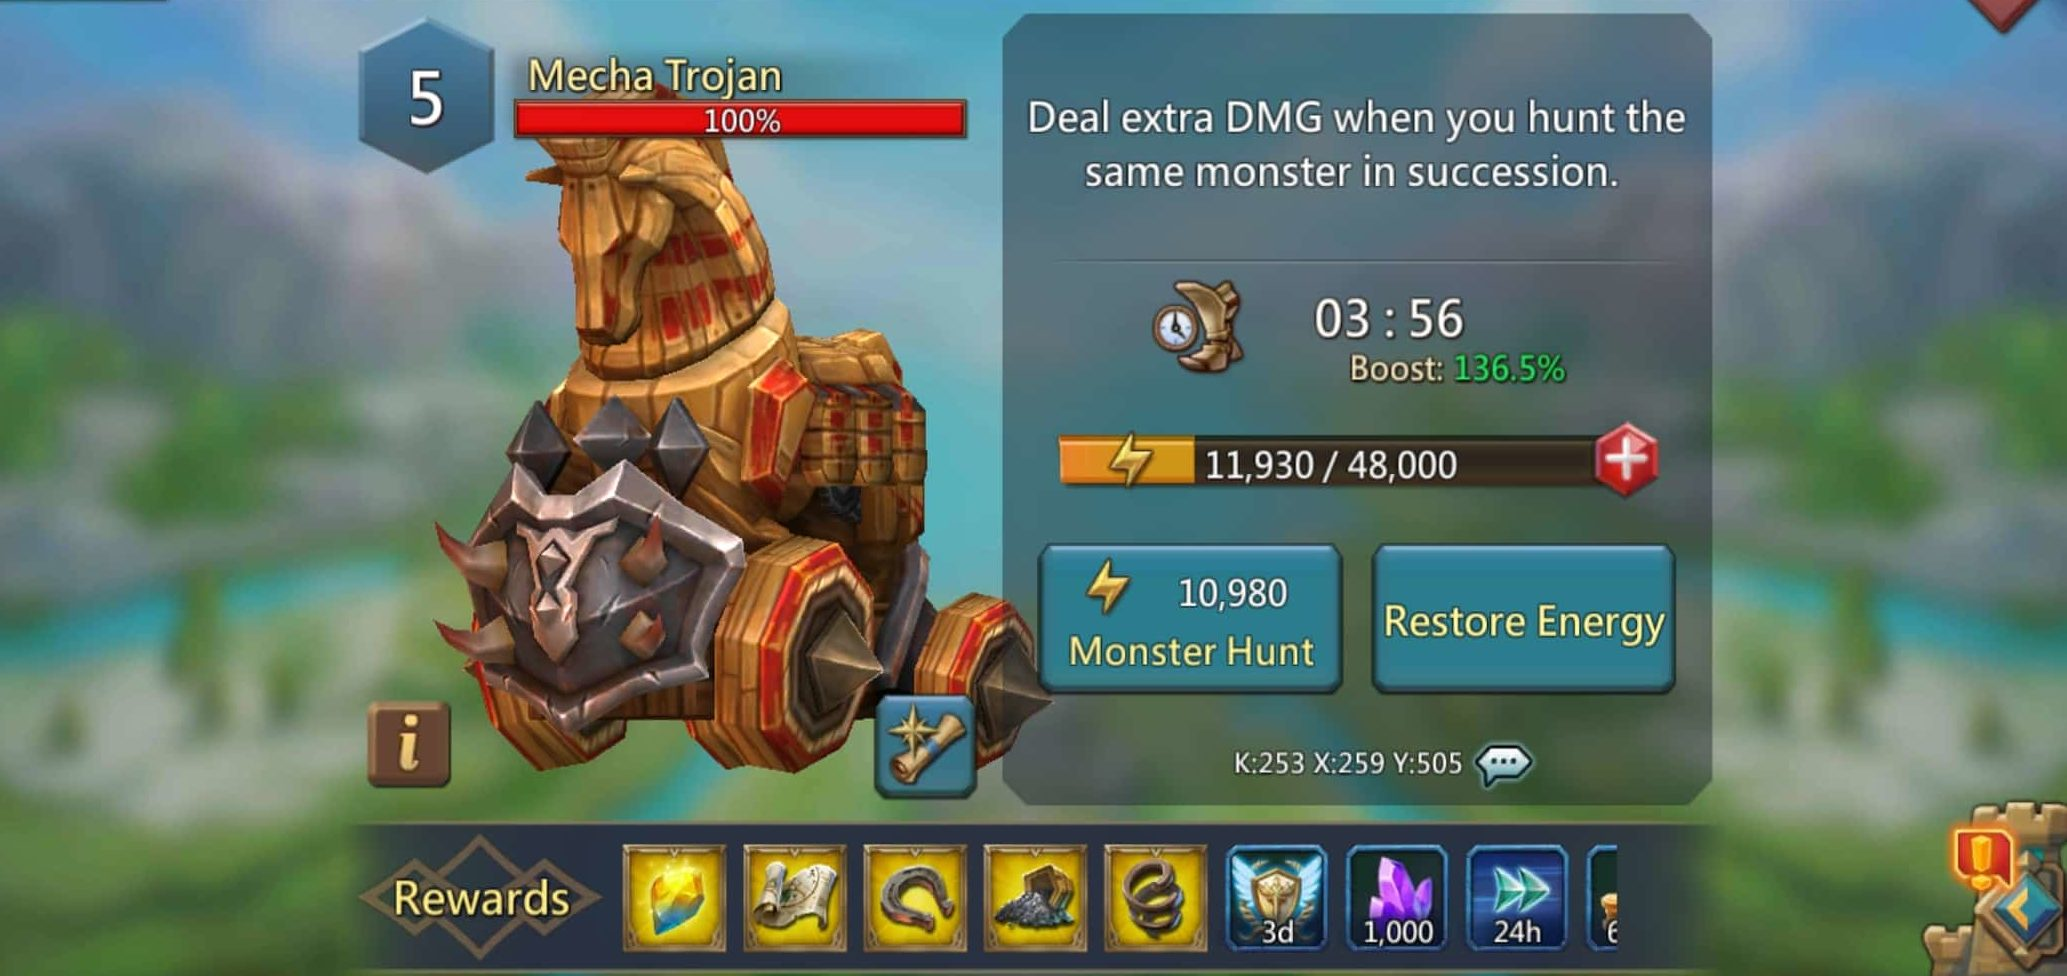 Mecha Trojan